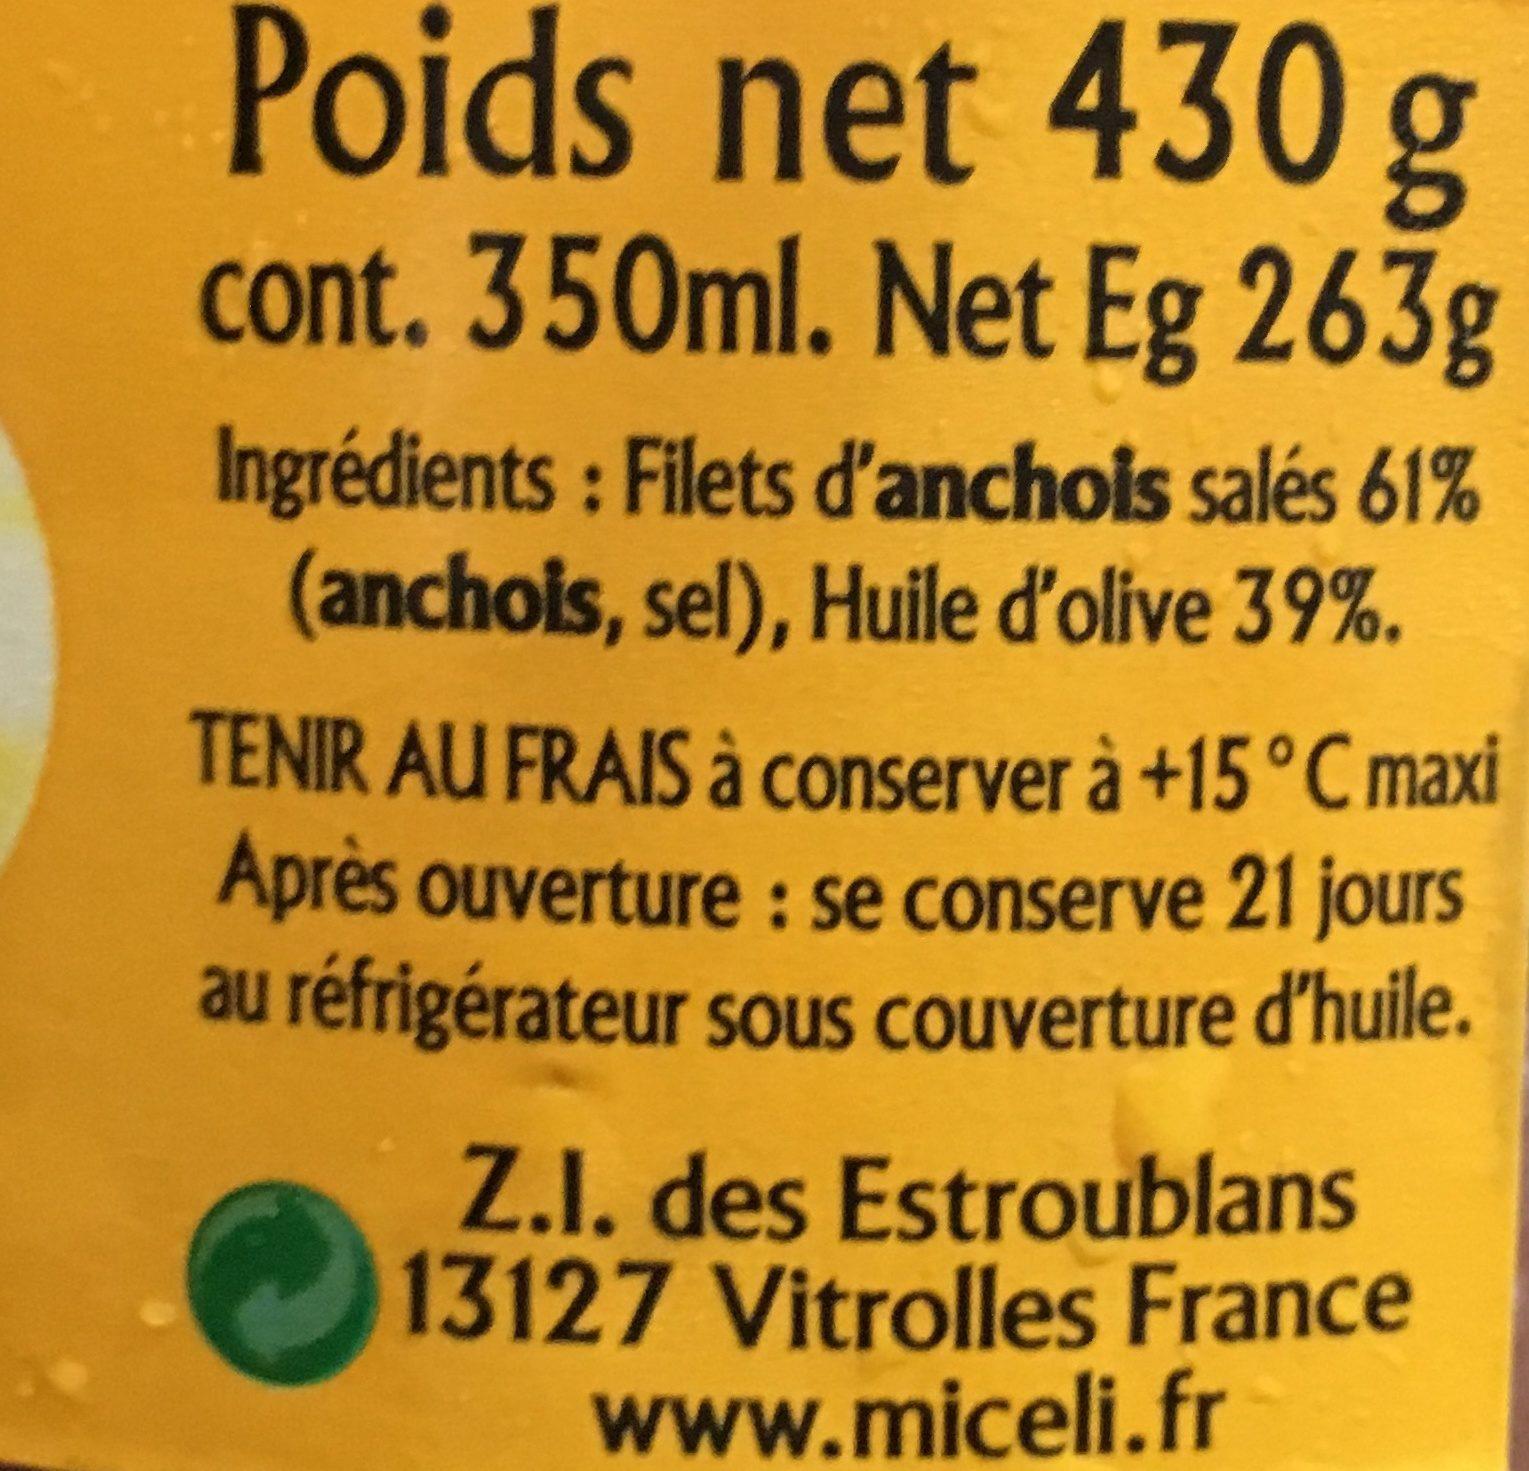 Filet d'anchois allongés à l'huile d'olive - Ingredients - fr